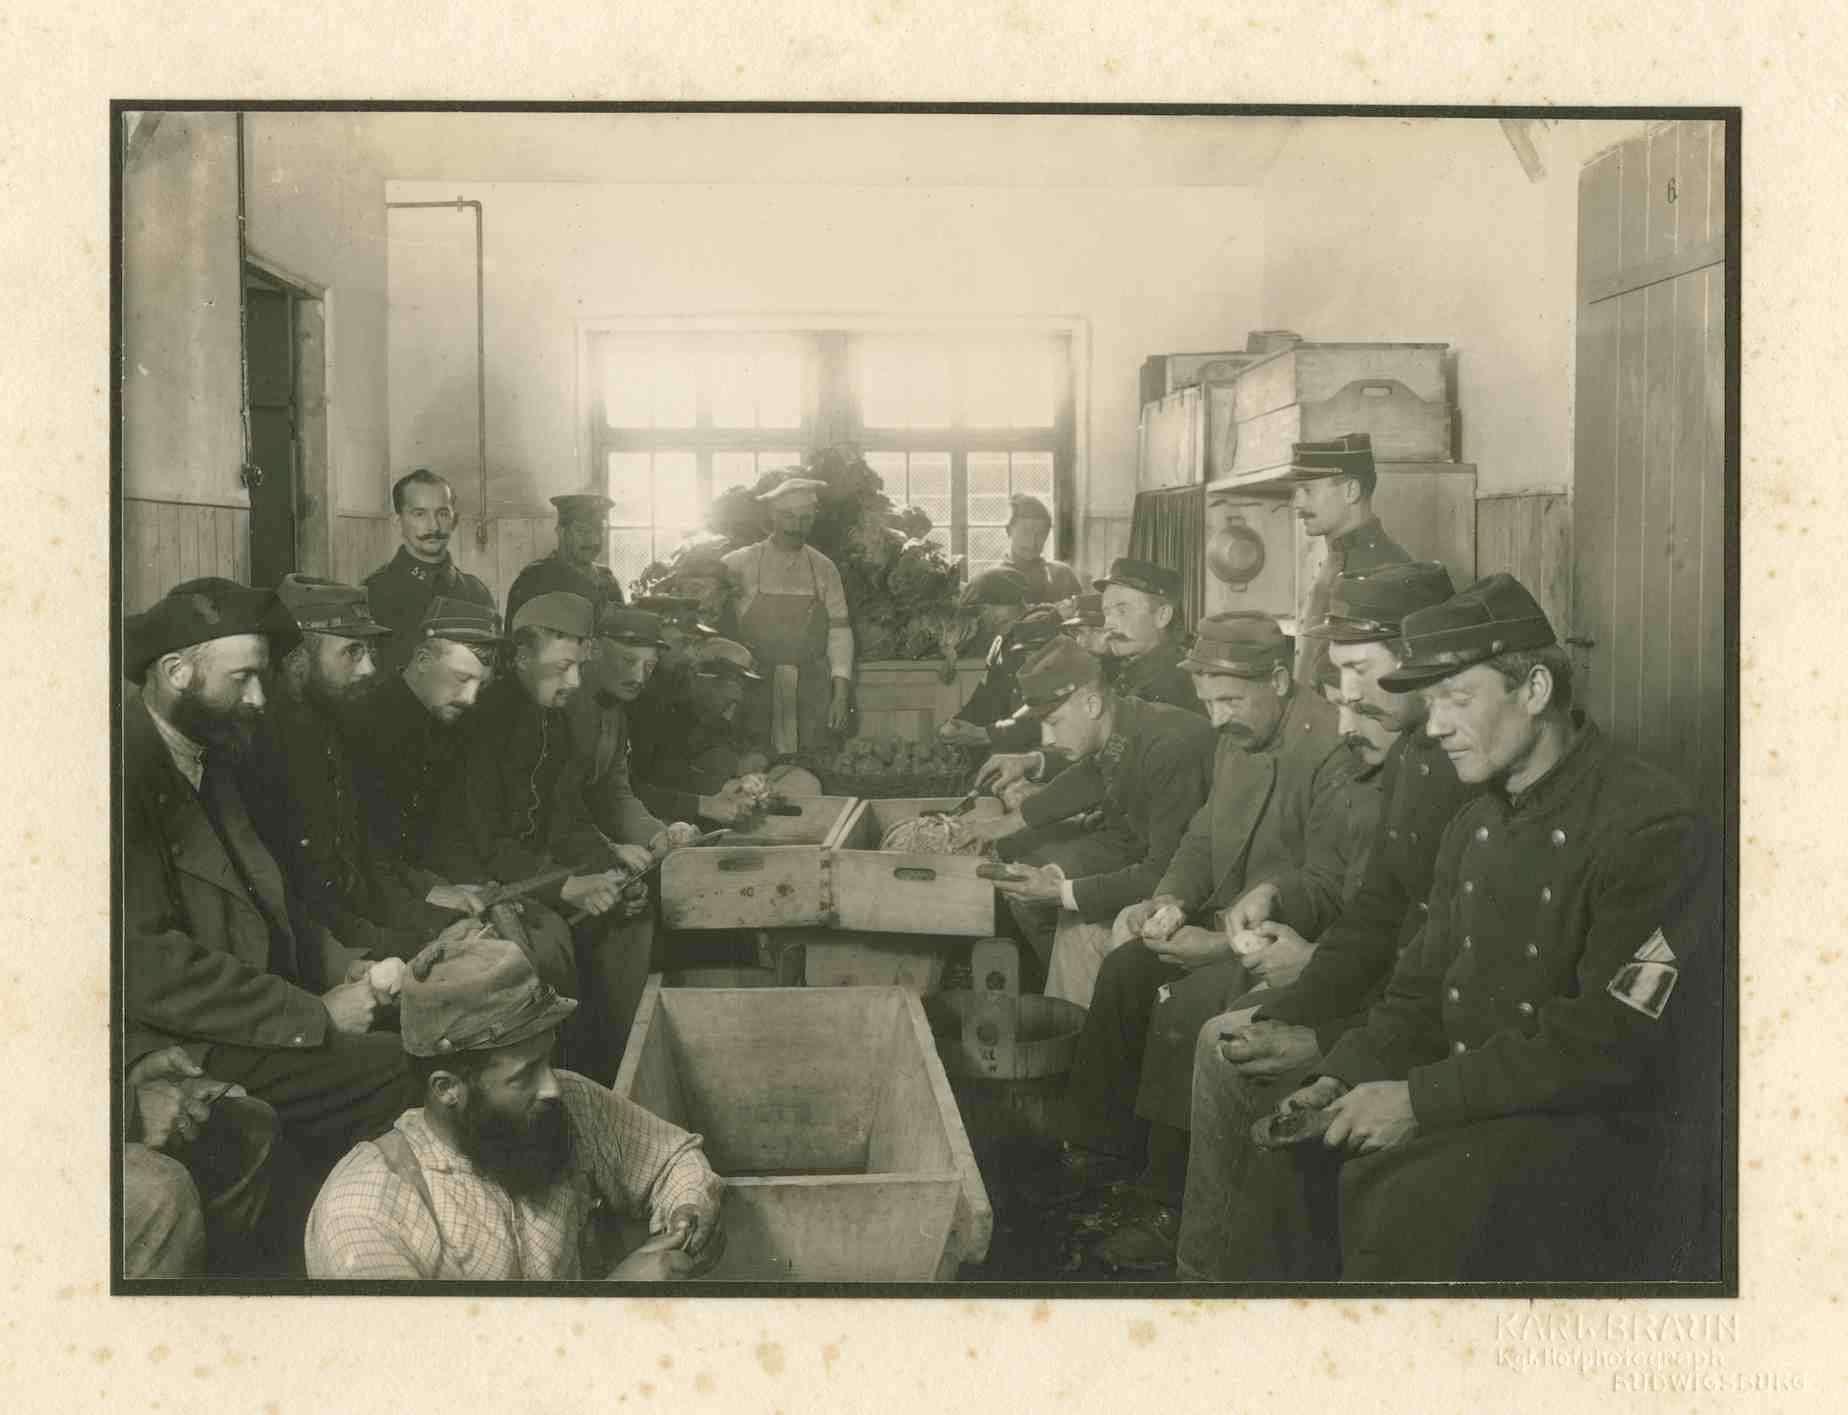 Ca. zwanzig Kriegsgefangene beim Küchendienst (Rüben schälen), ein Wachhabender, Kriegsgefangenenlager Ludwigsburg-Eglosheim, Bild 1